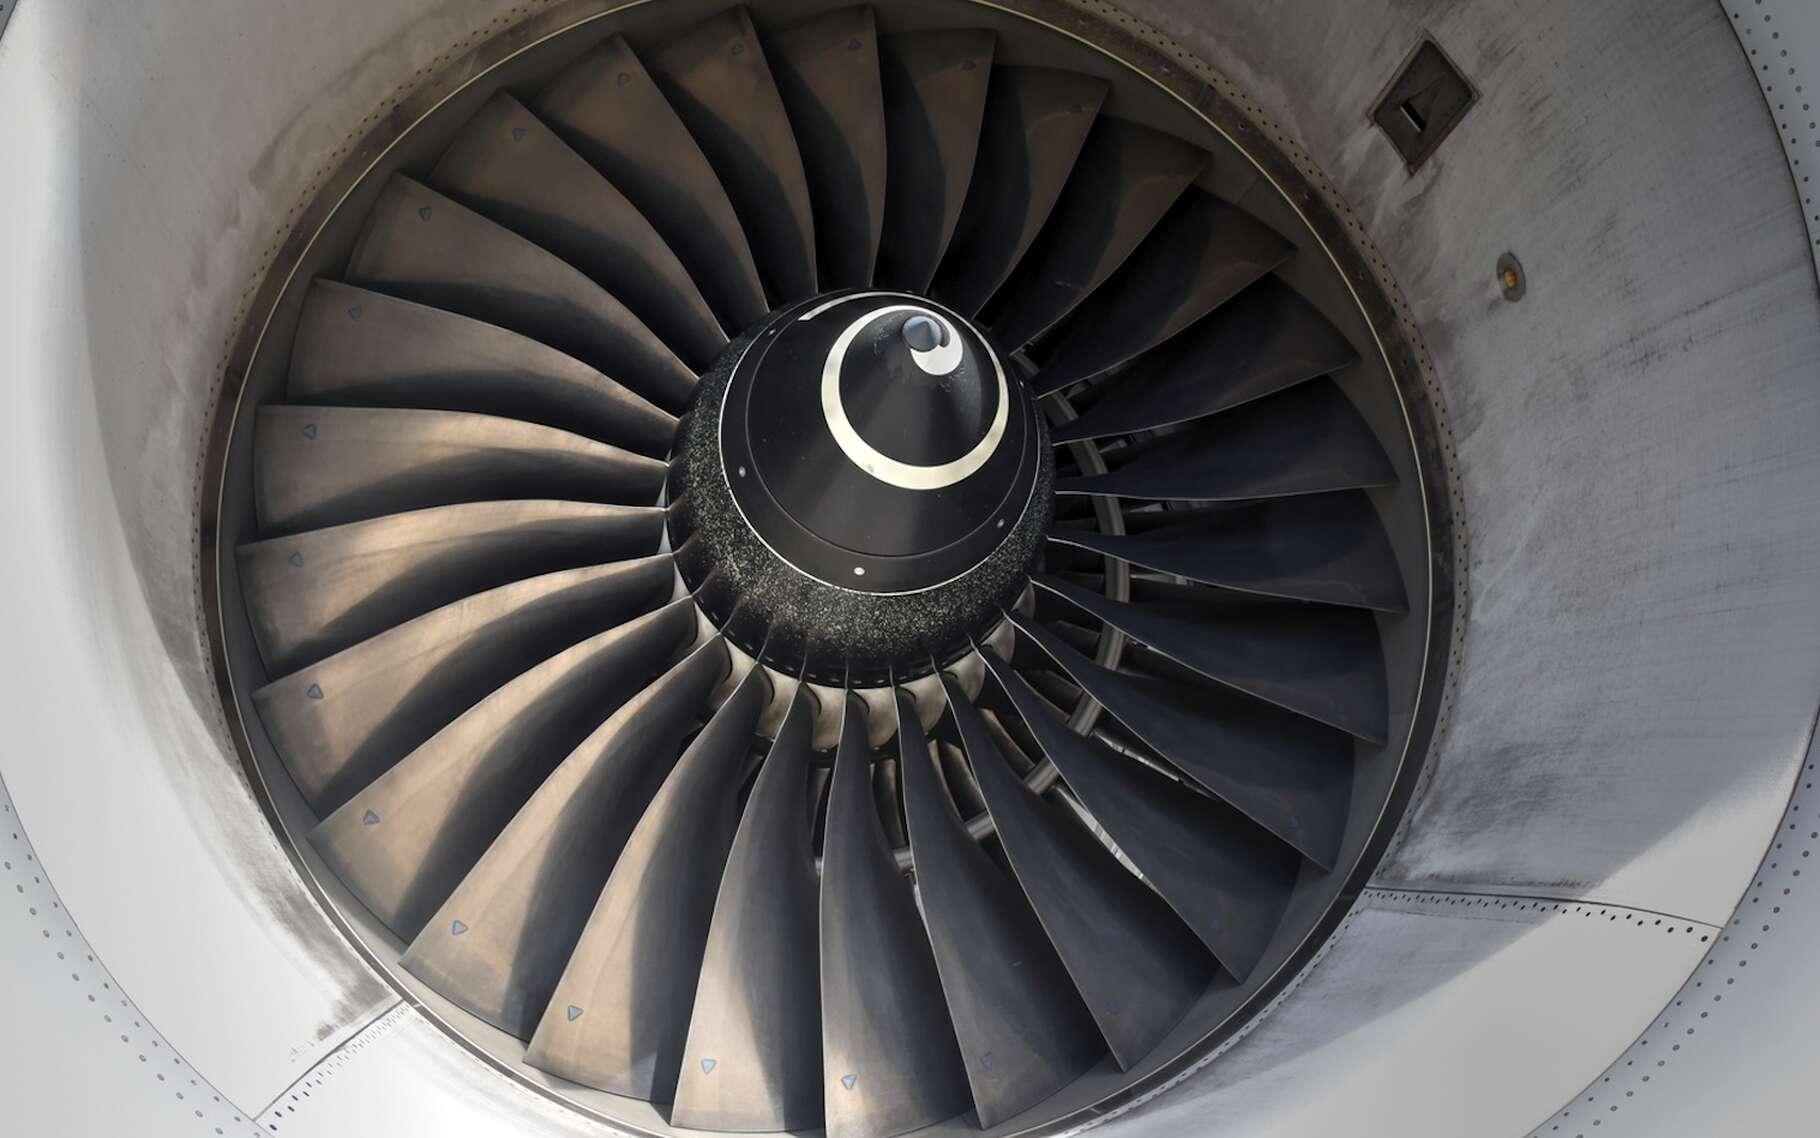 Les propriétés de l'Inconel rendent cet alliage particulièrement utile dans le secteur de l'aéronautique où il sert notamment à construire des réacteurs. © Gilles, Fotolia